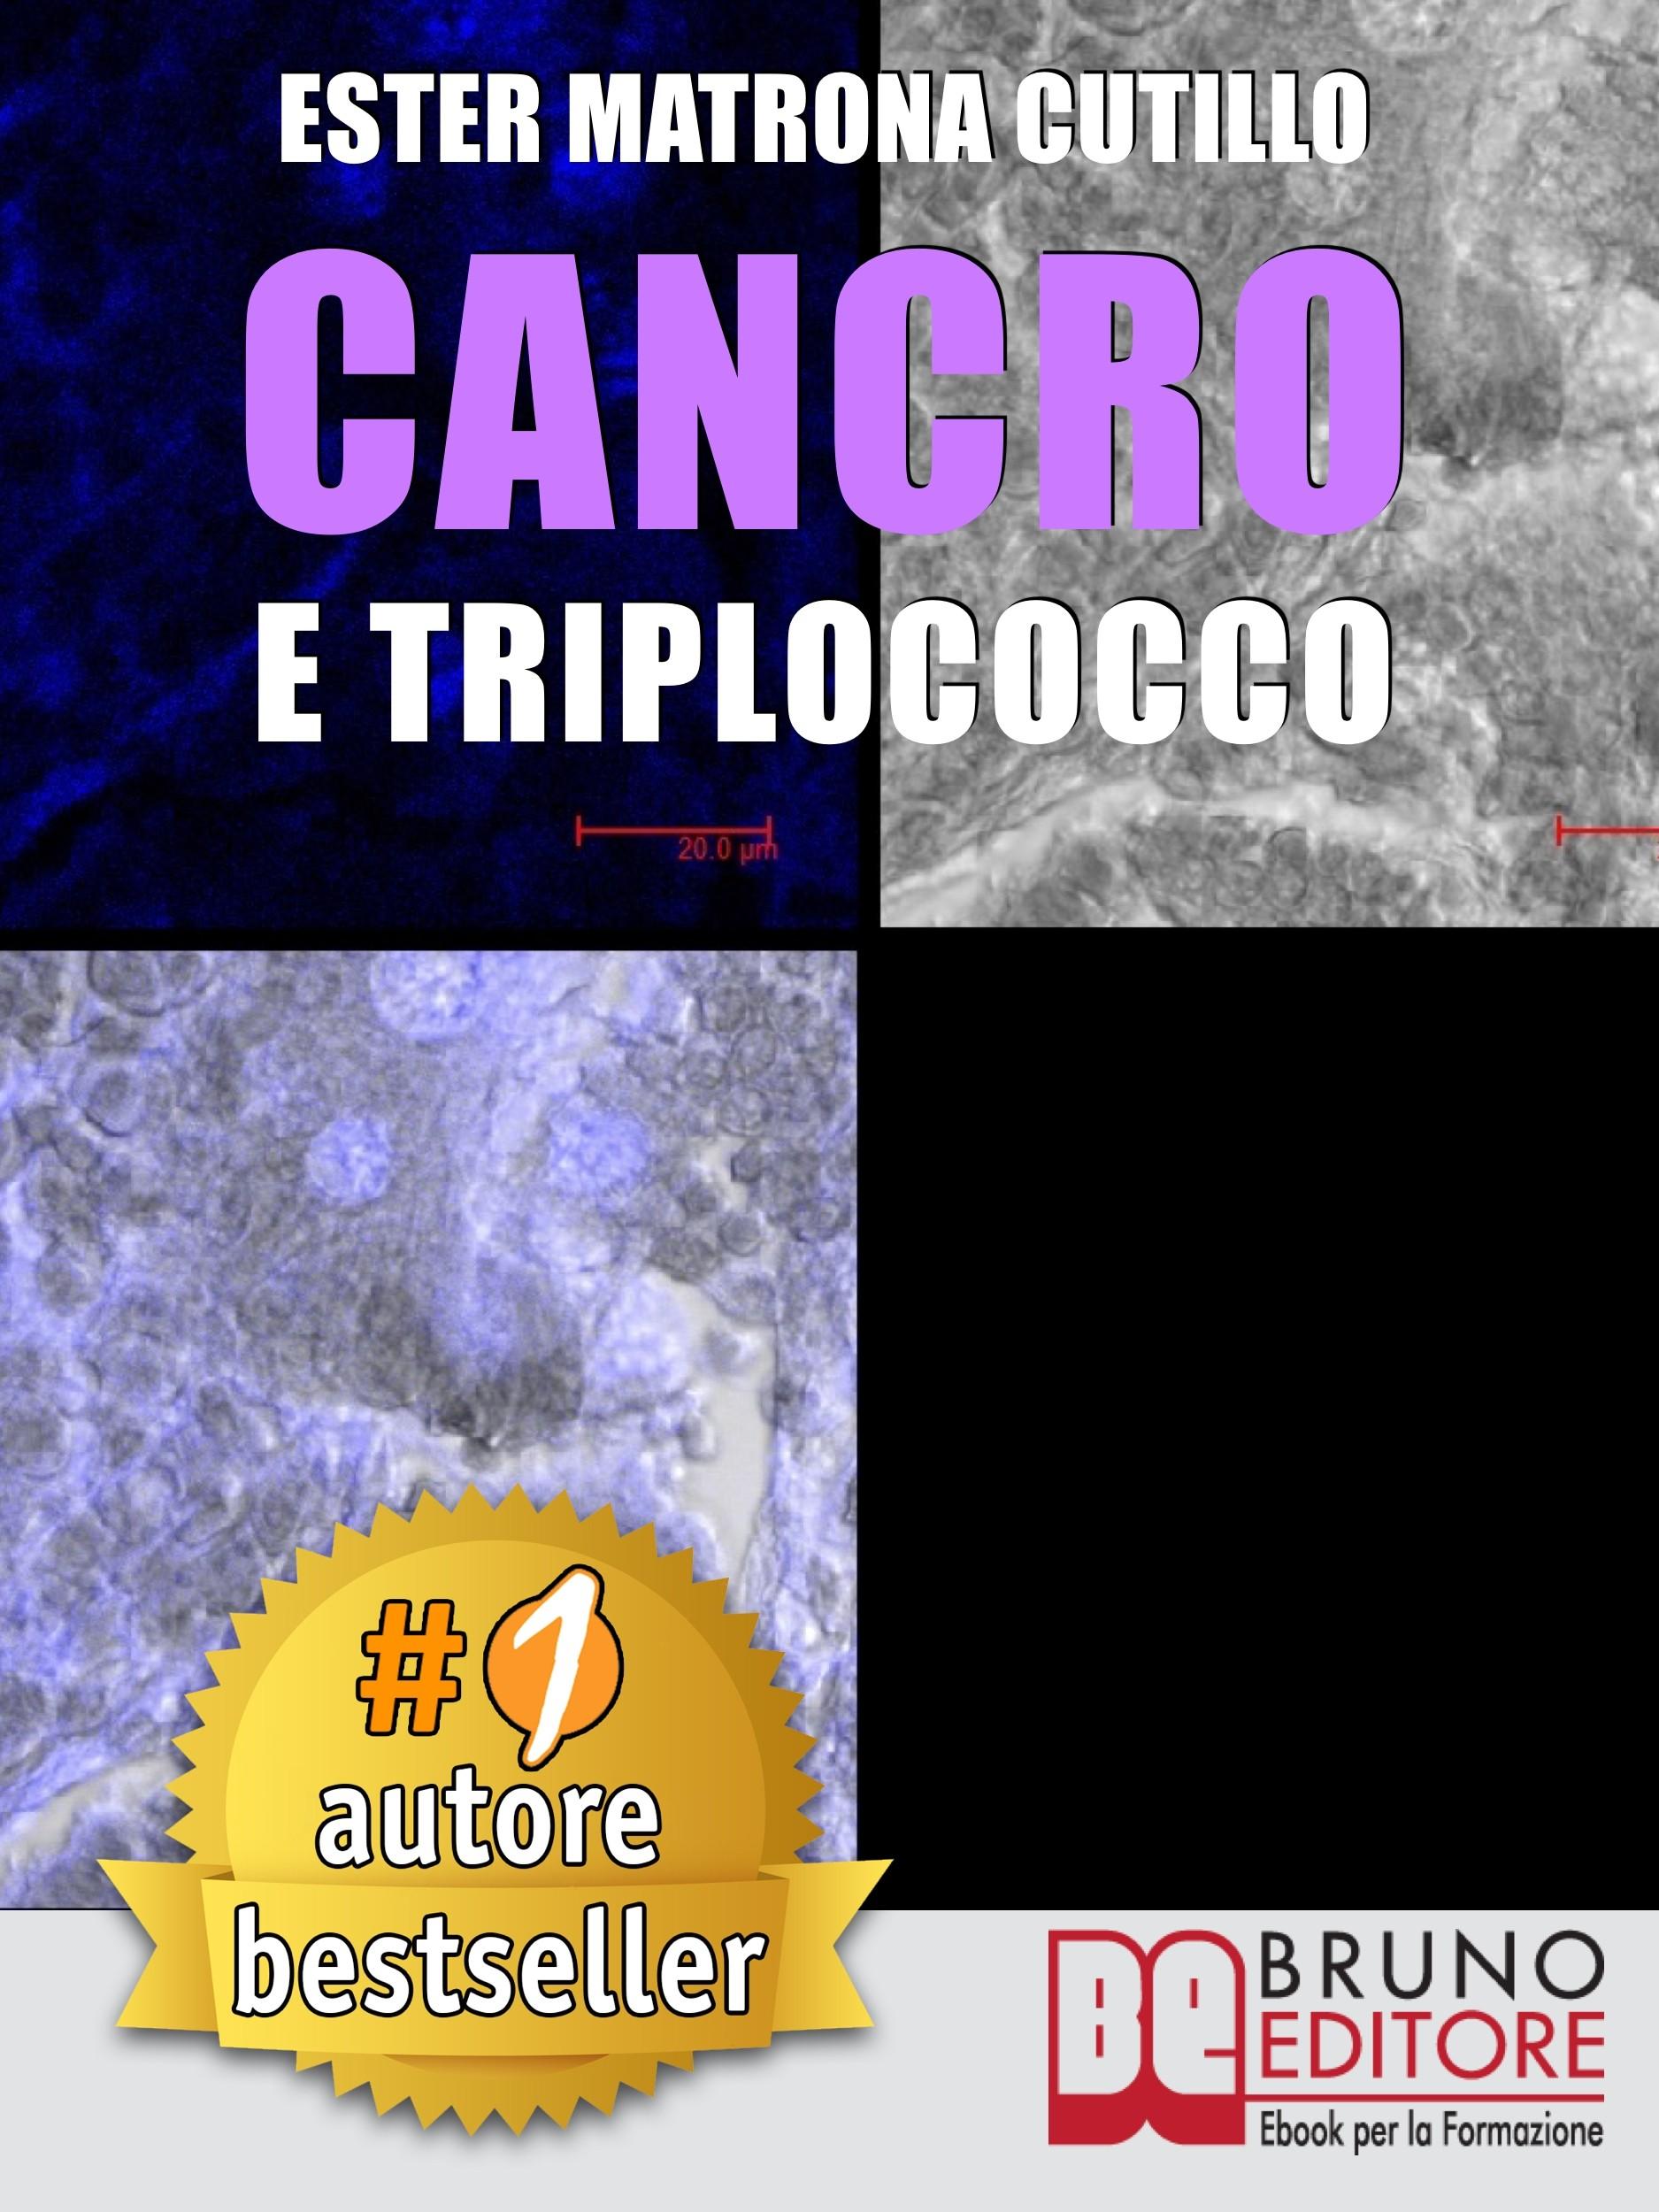 Cancro e Triplococco